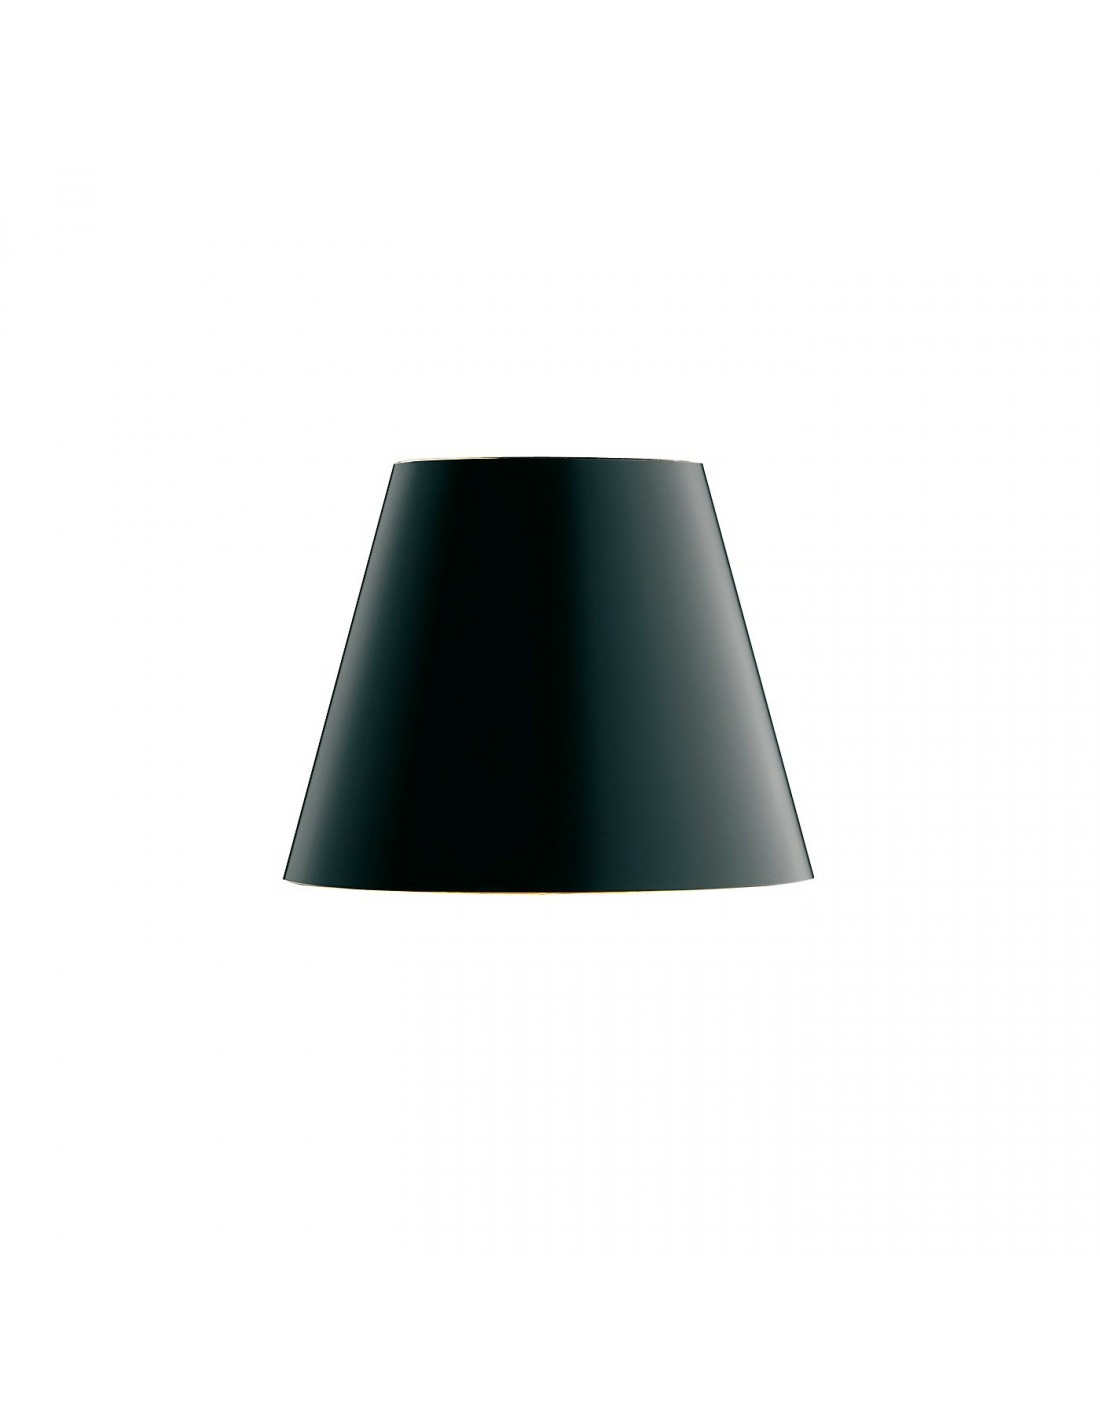 Abat Jour Pour Lampe De Table Gun Philippe Starck Flos Valente Design